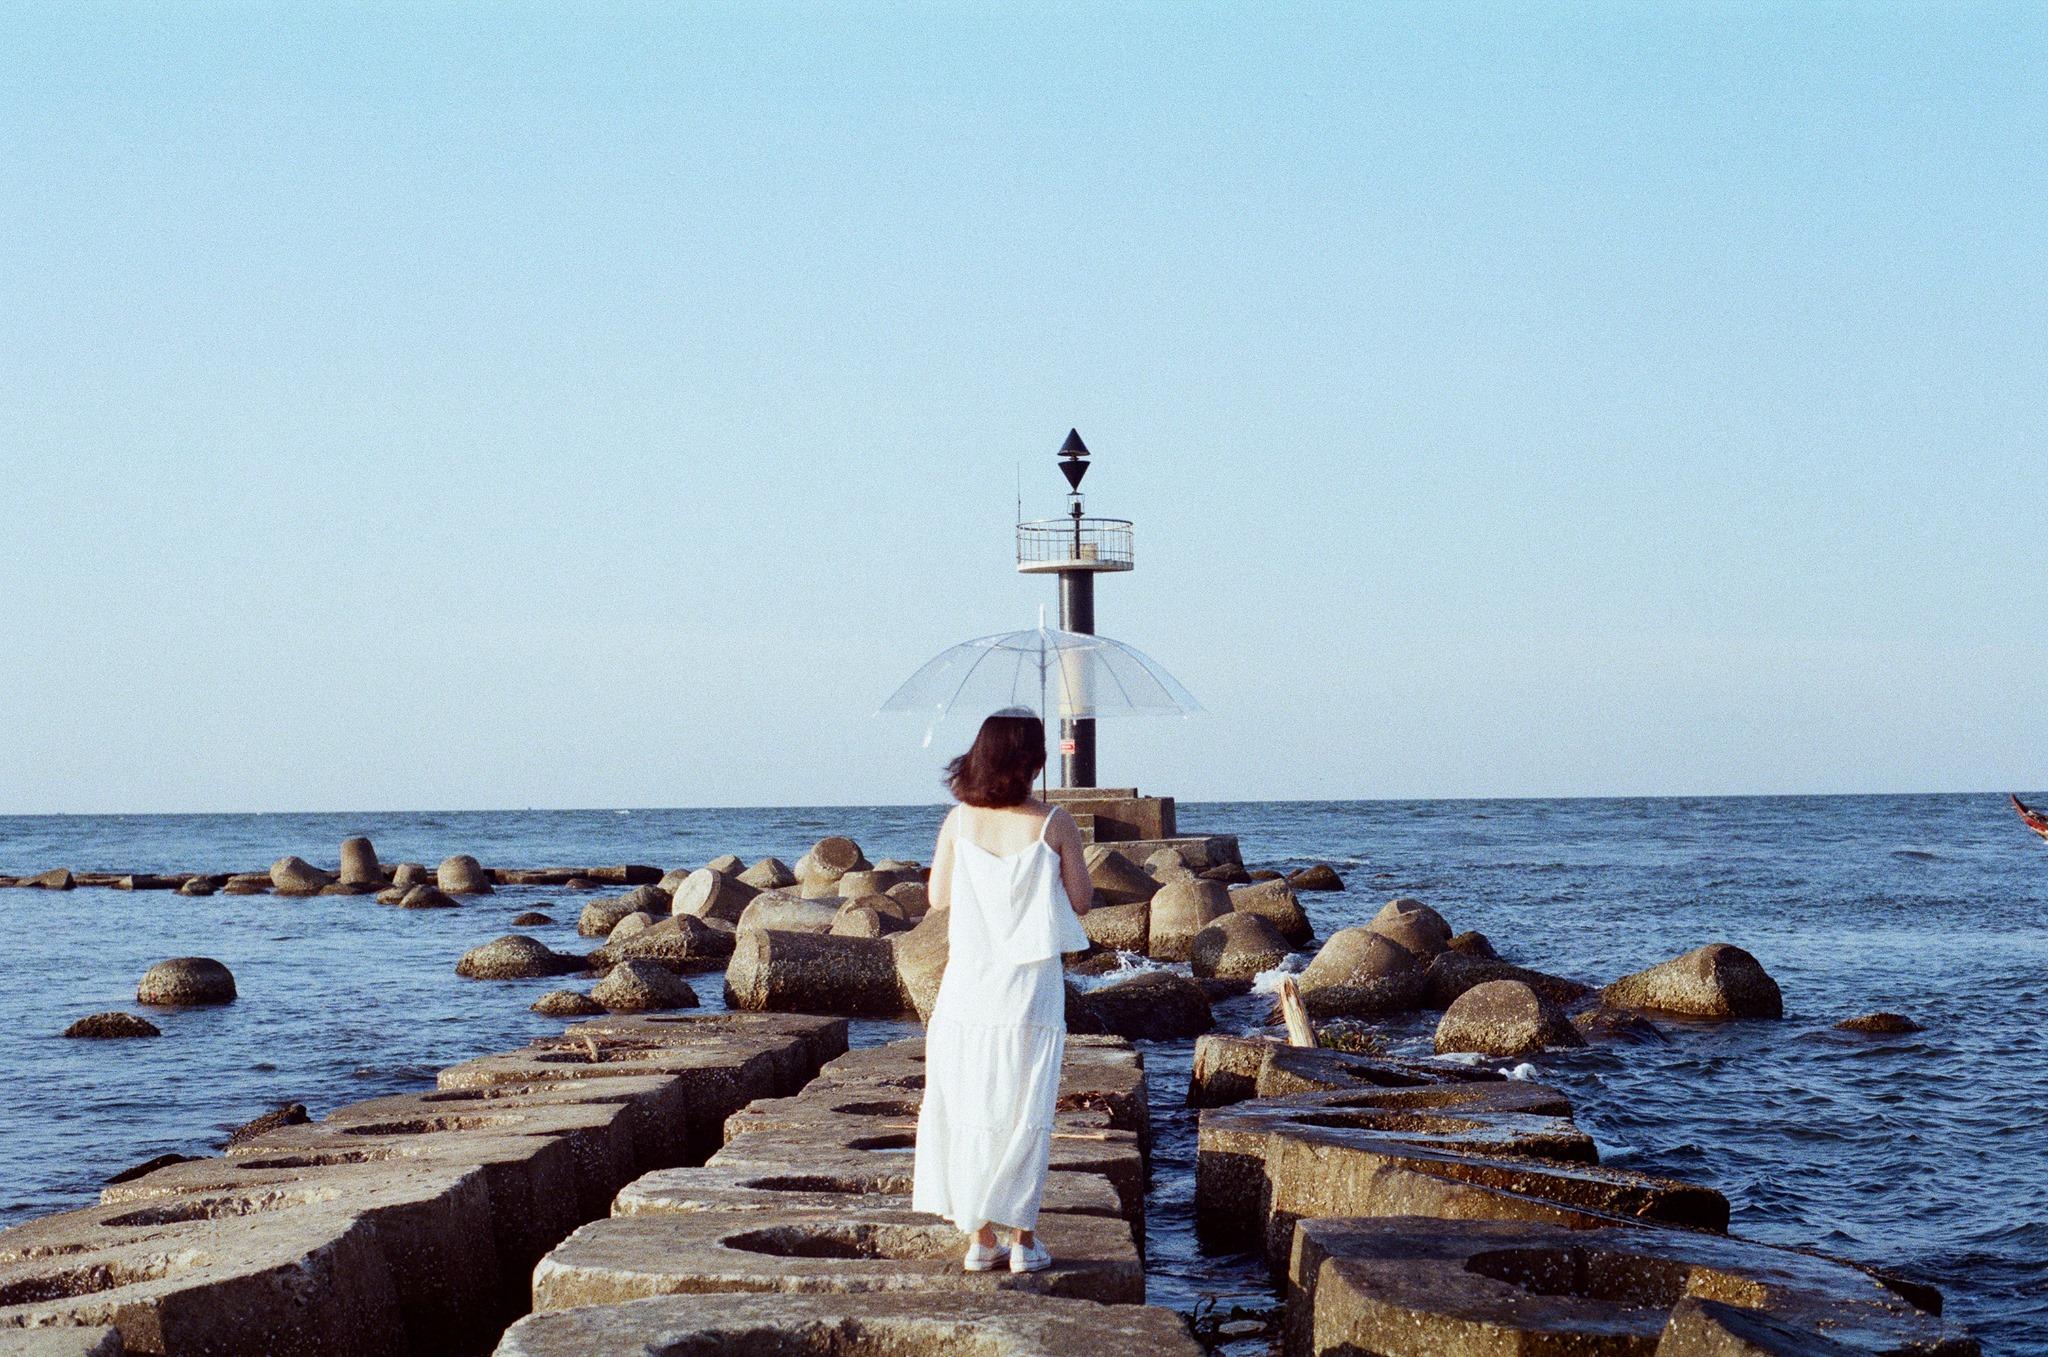 Biển Hải Dương. Hình: Hoàng Linh Hà